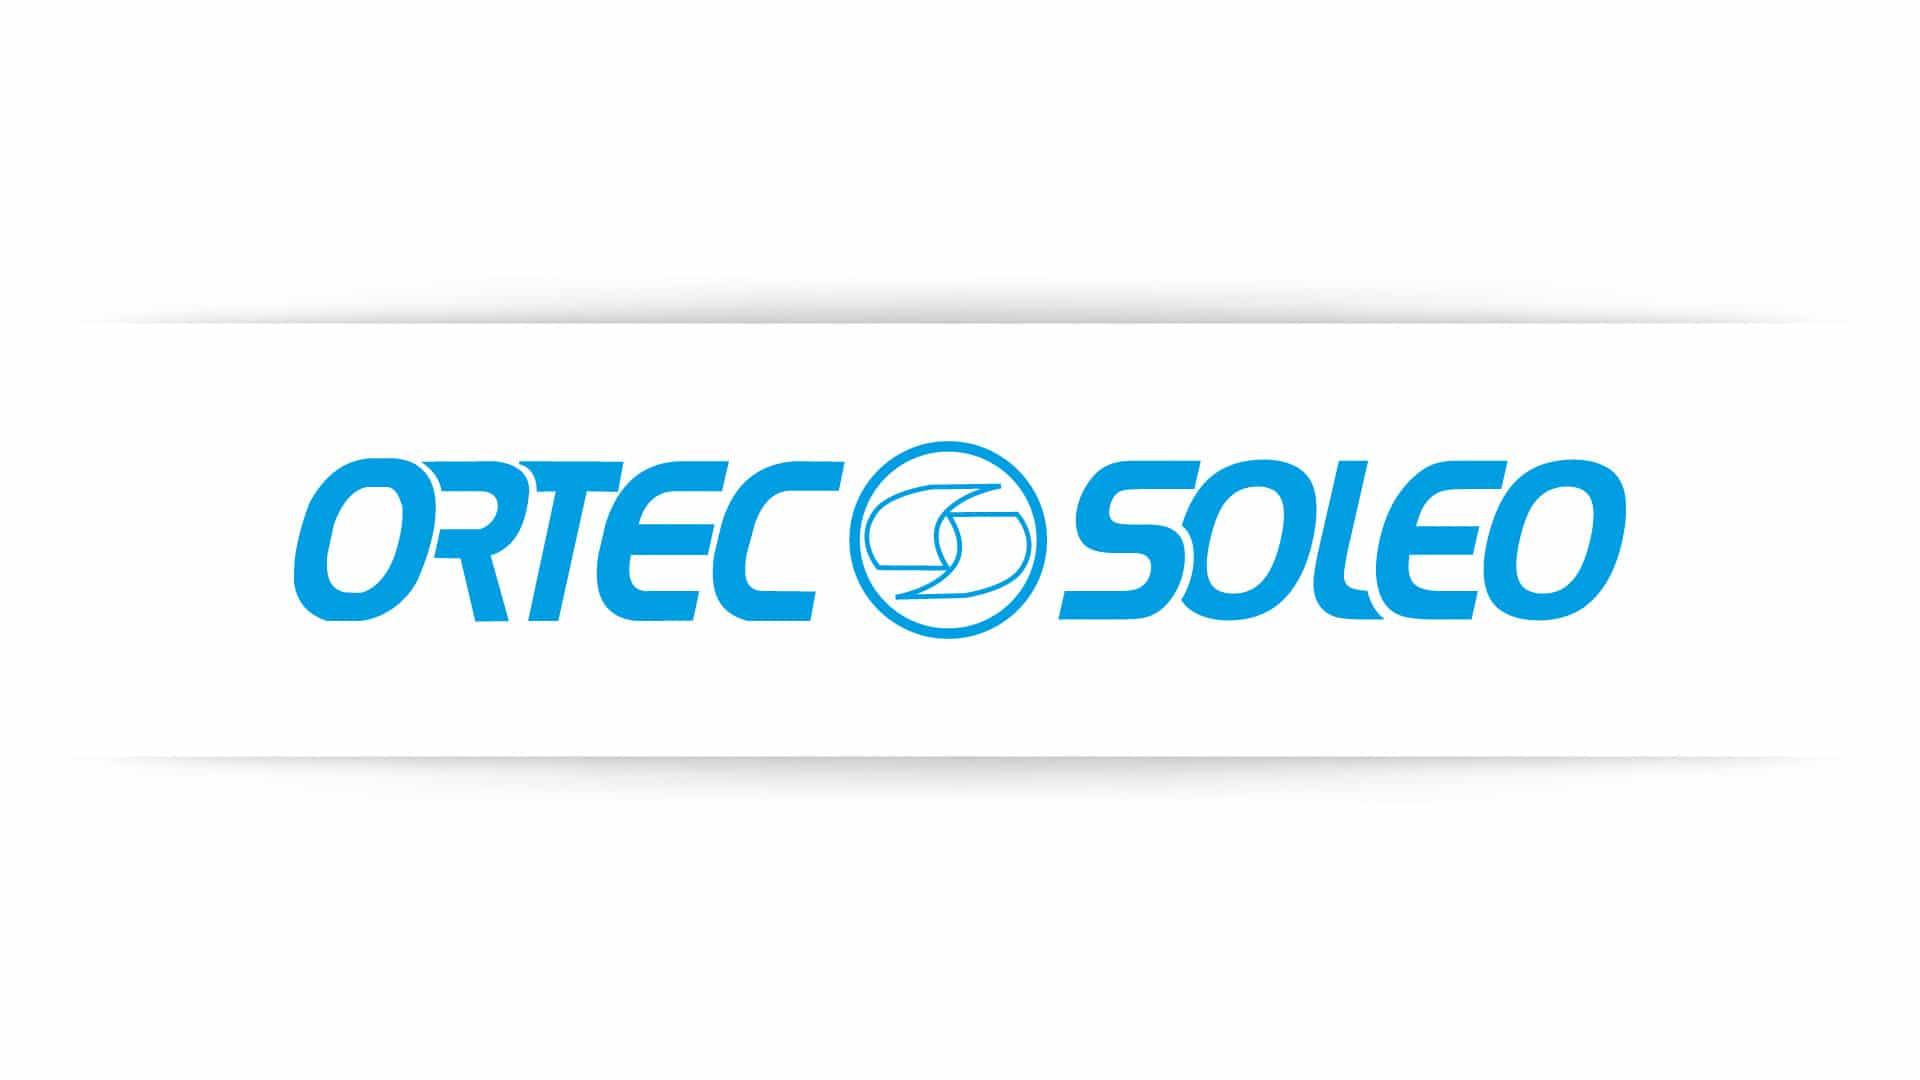 ORTEC acquiert SOLEO et créent ensemble un acteur français de référence pour les sites et sols pollués (SSP)